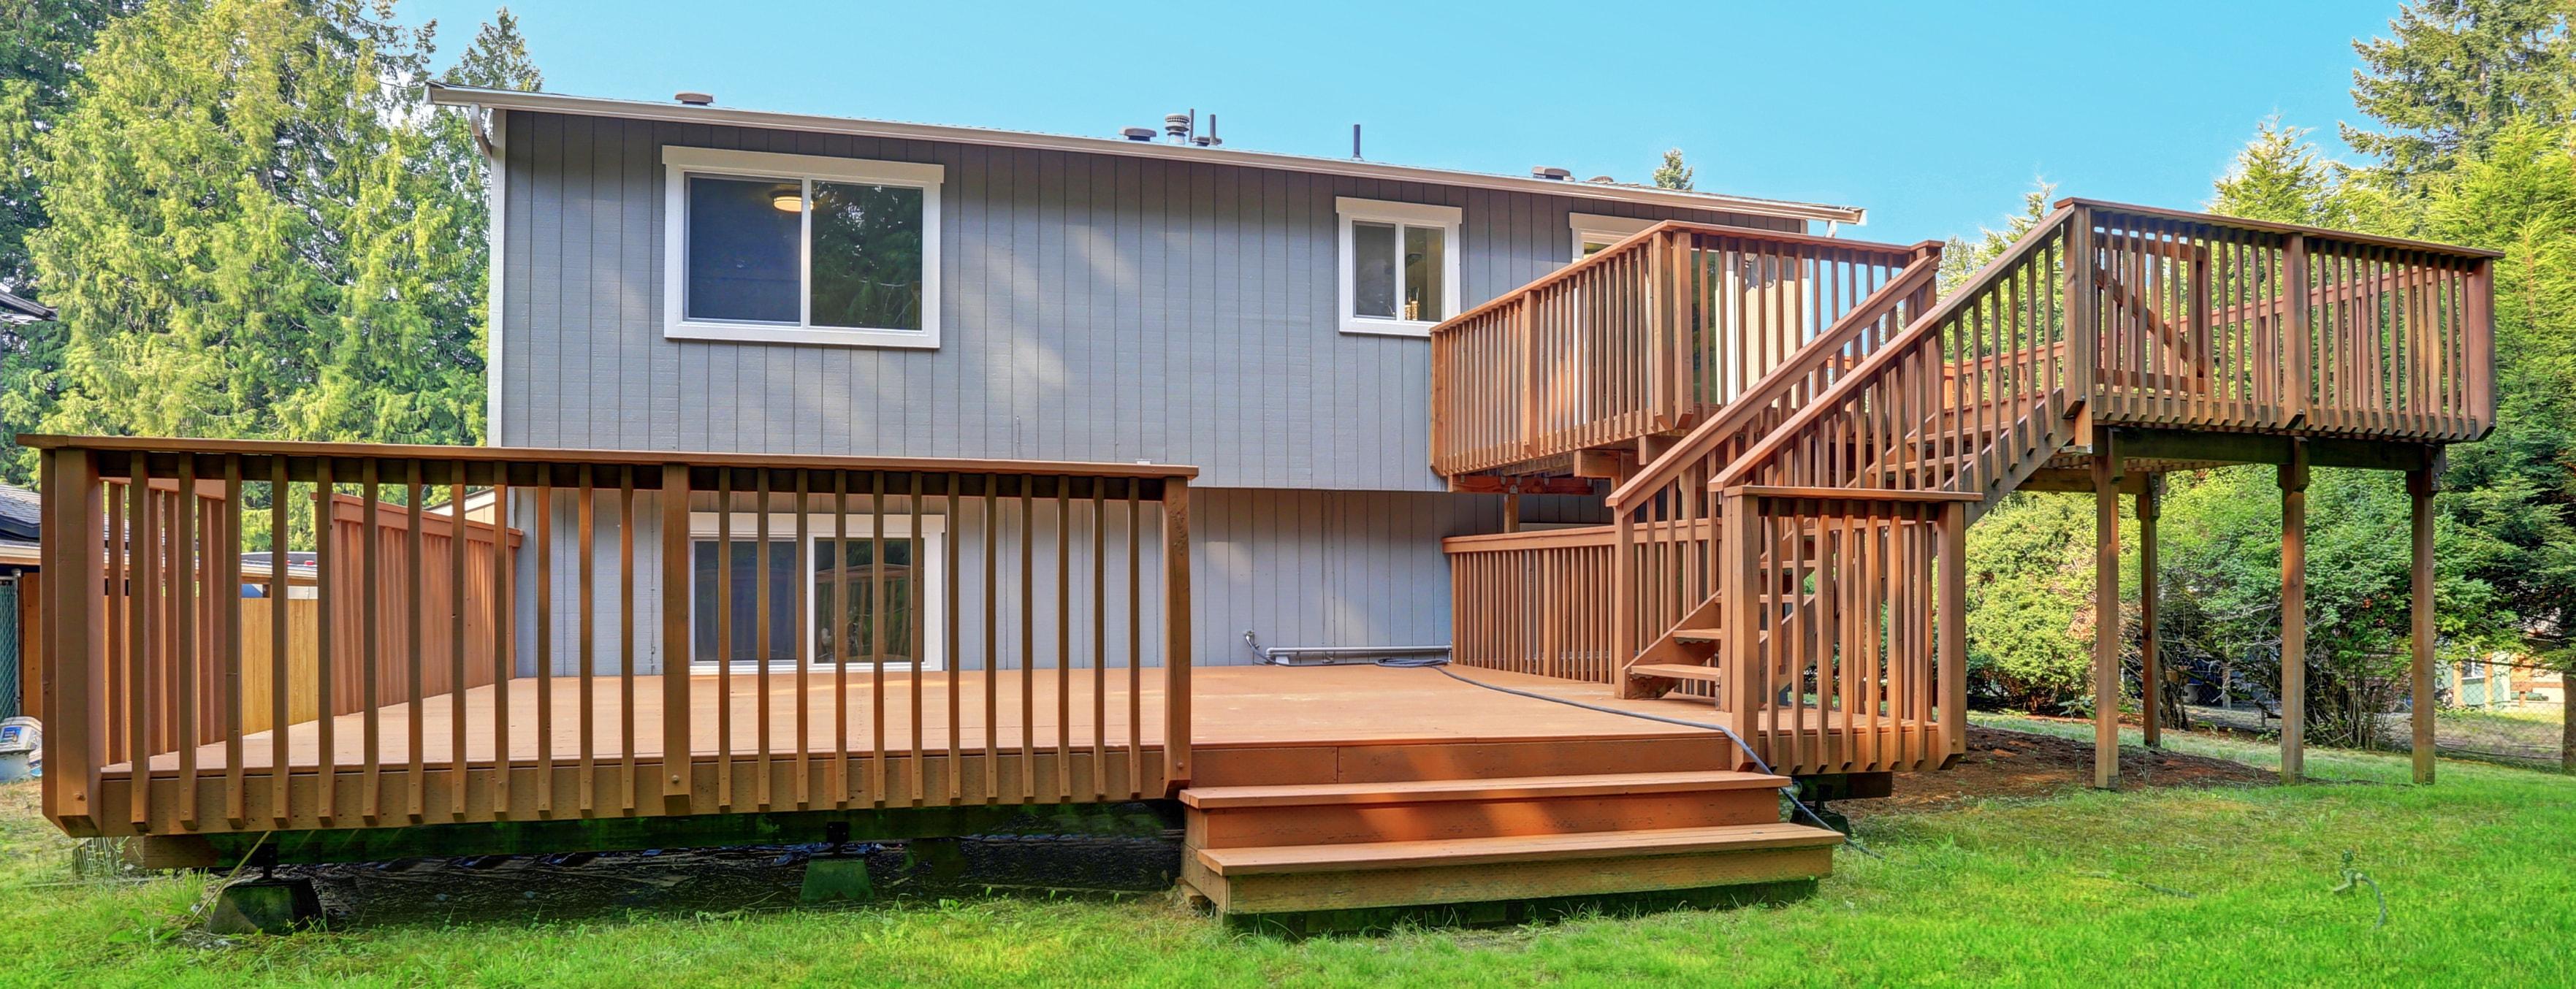 Deck, Home repairs, wood